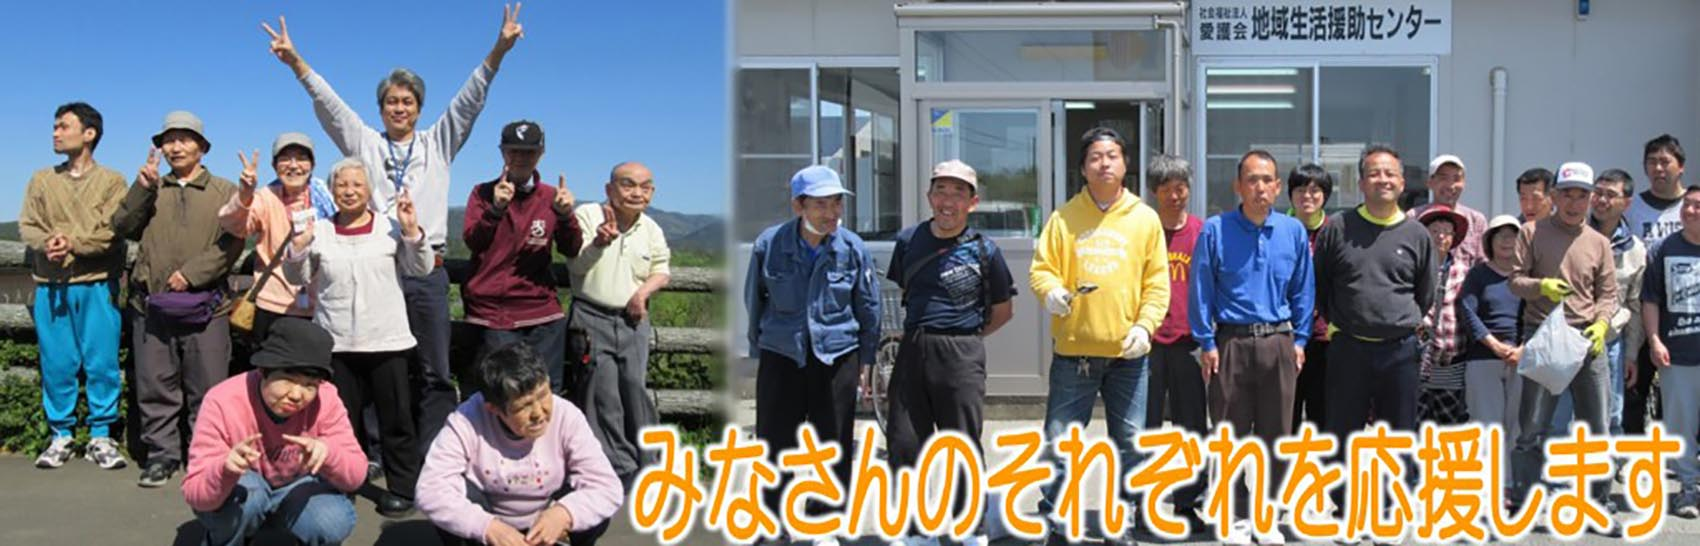 地域生活援助センター